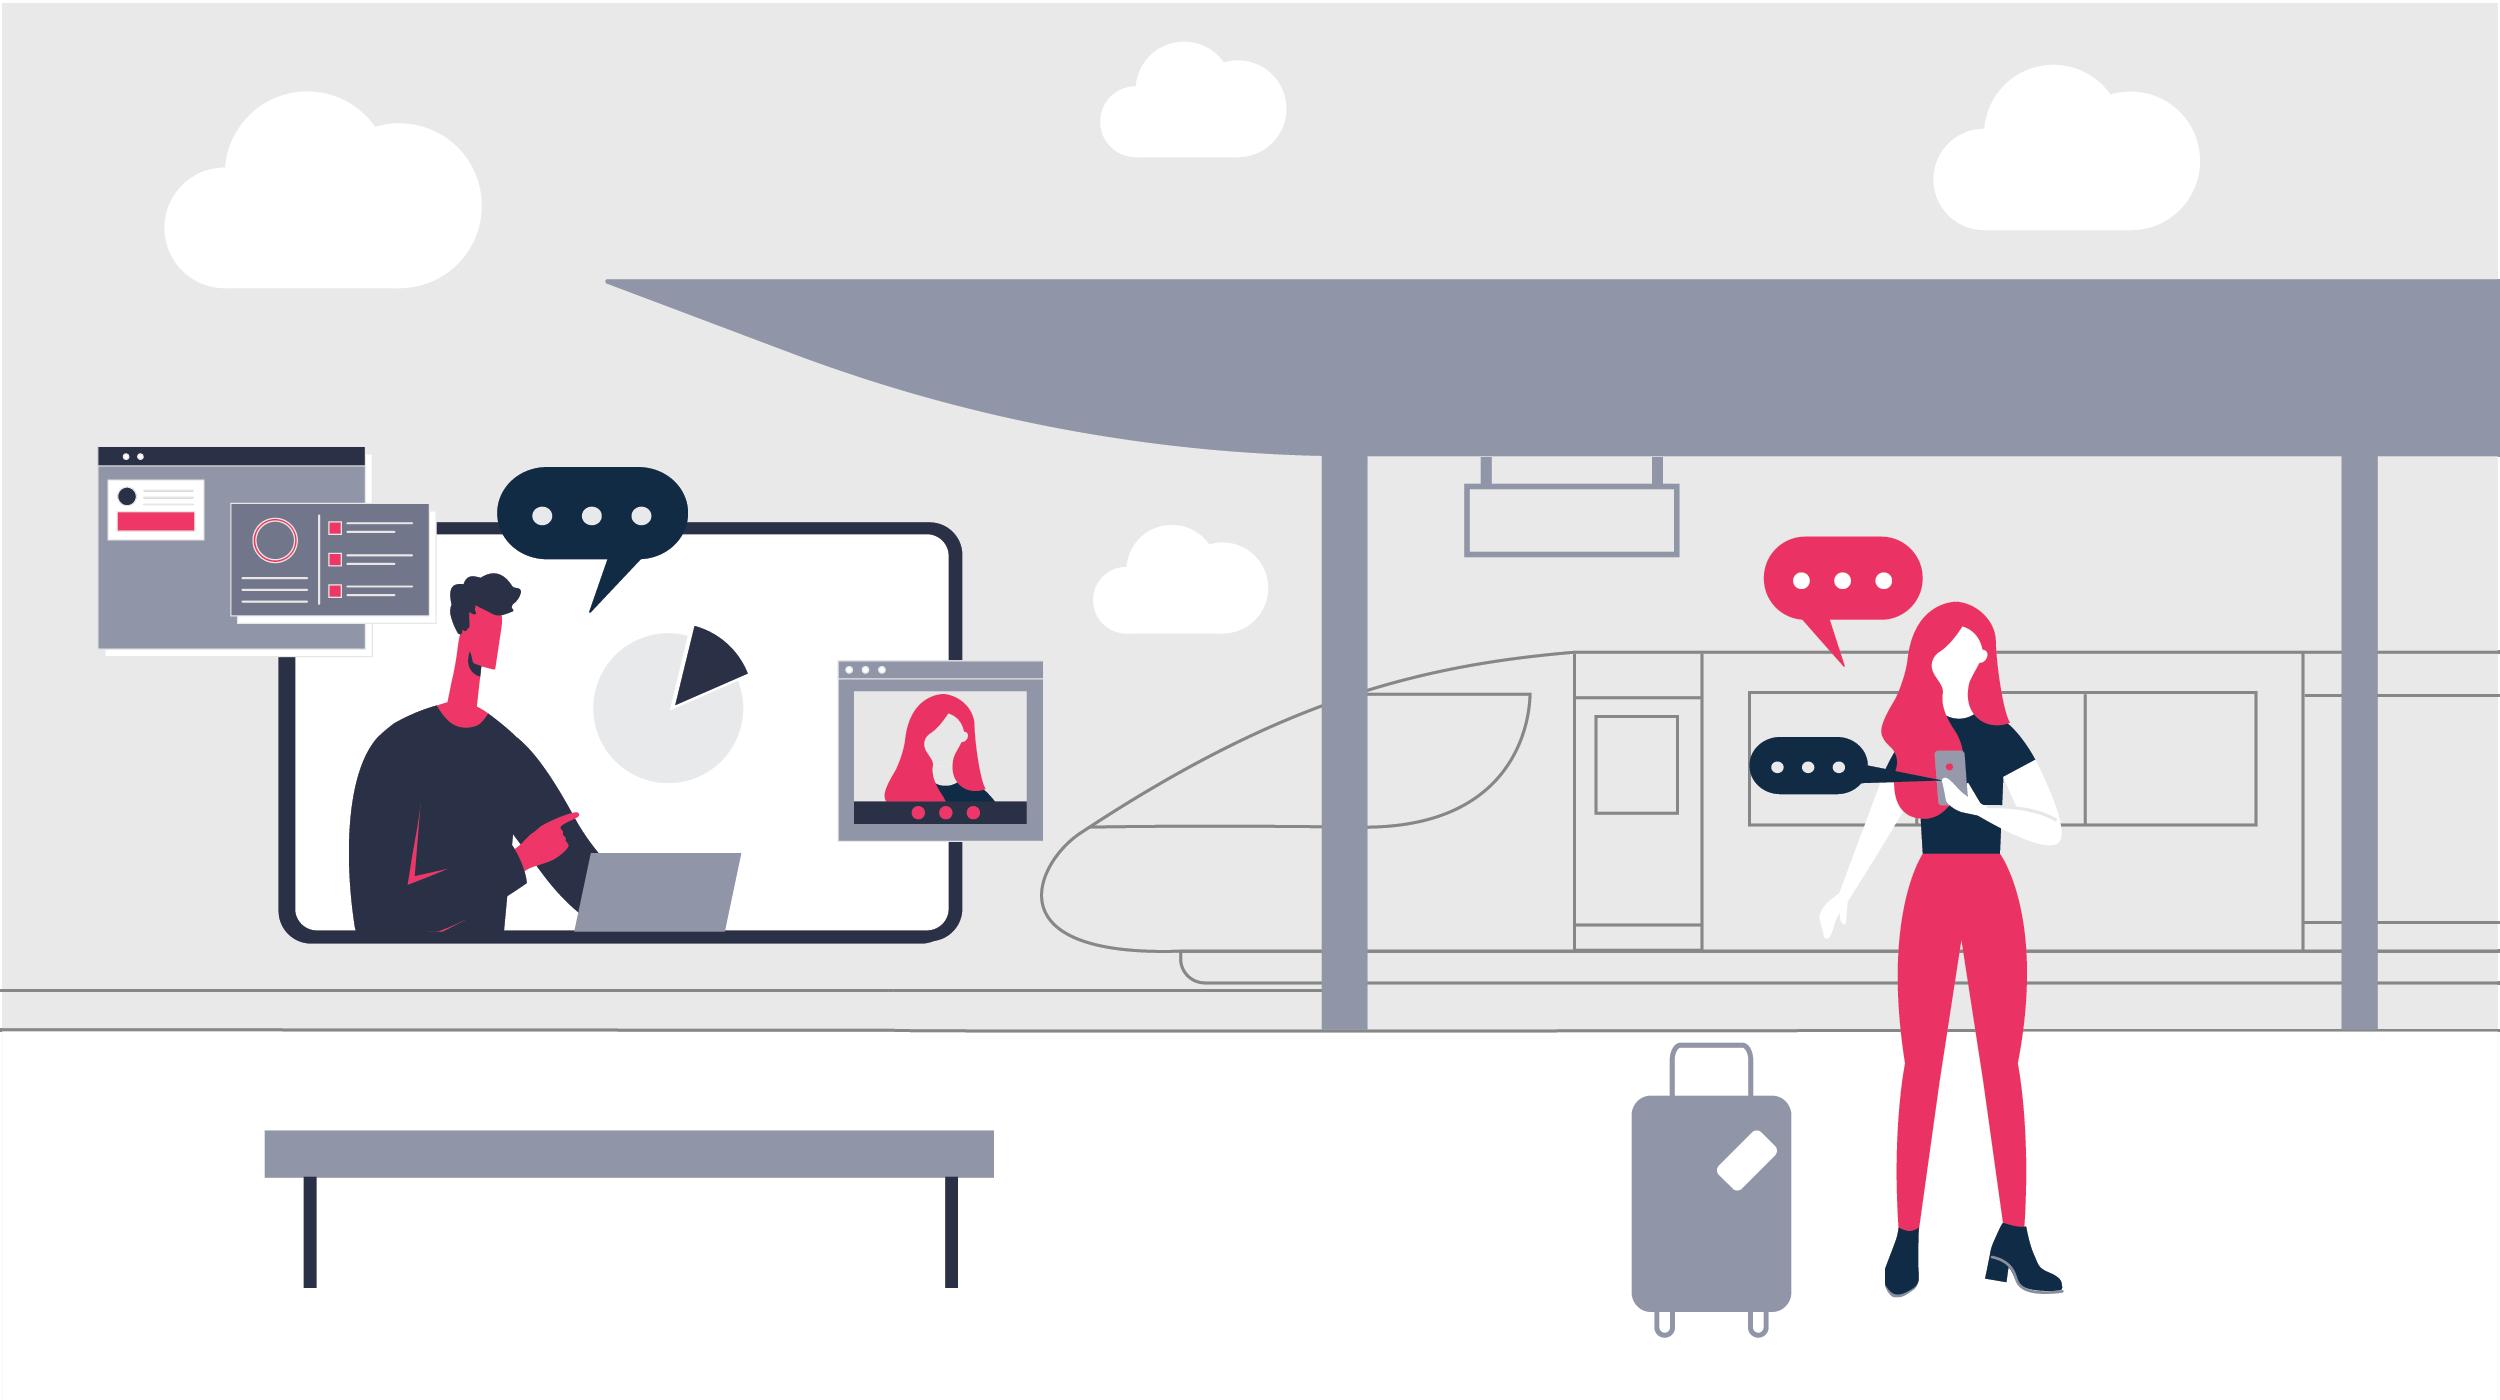 5G: The era of collaborative video